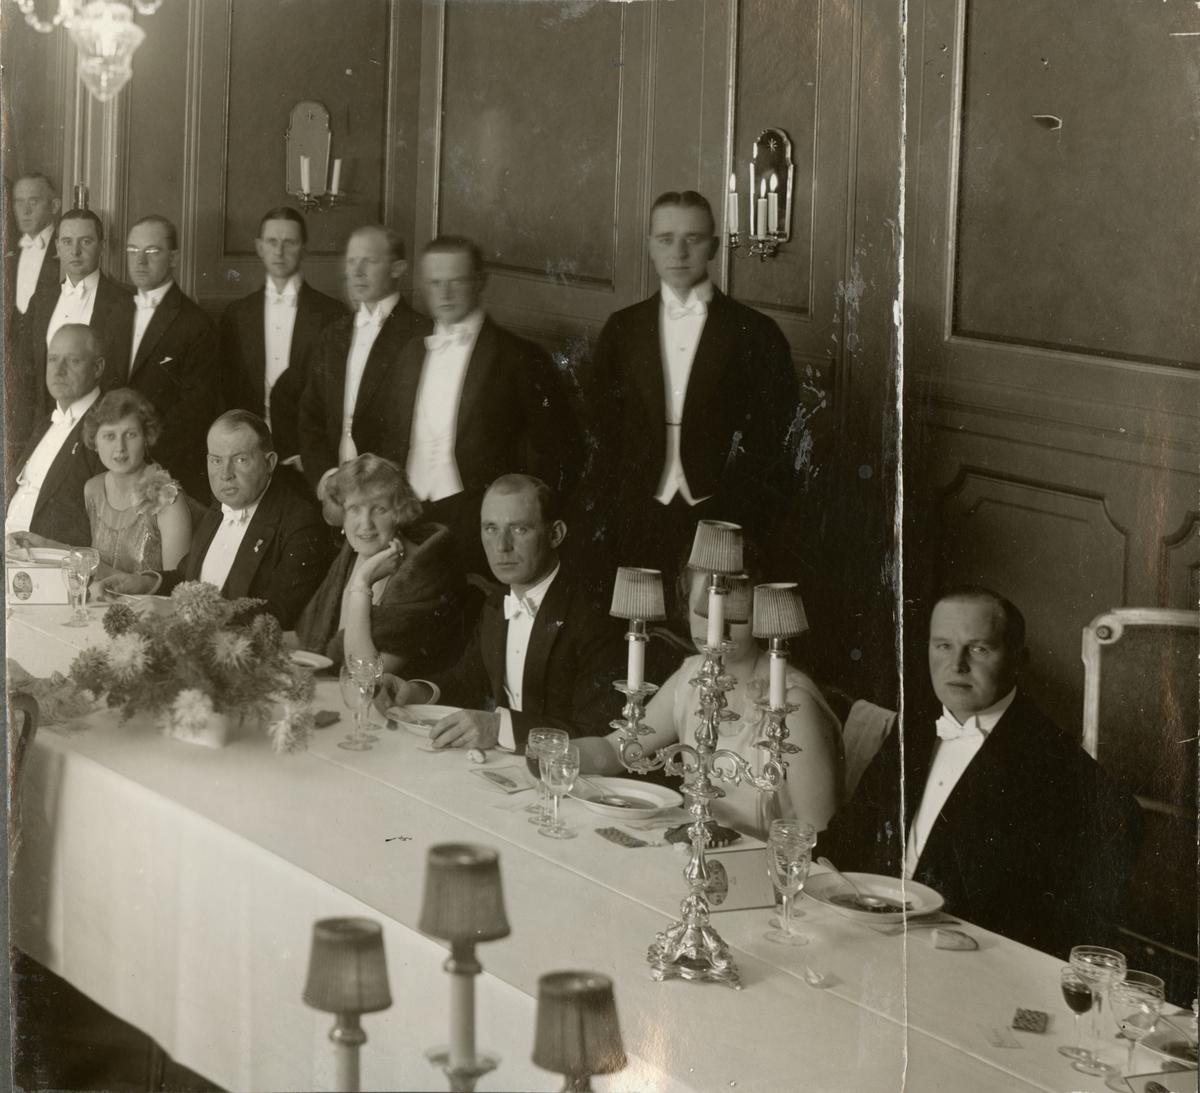 """Bildtext: """"Den 13. november 1926 tog officerskåren avsked av sitt avhållna chefspar; översten Fredrik Wilhelm Löwenborg och hans överstinna fru Ewa Löwenborg f. Treschow. Högtidstalet - sant tolkande allas känslor - hölls av major Klingberg. Grand Hotel Royal."""""""